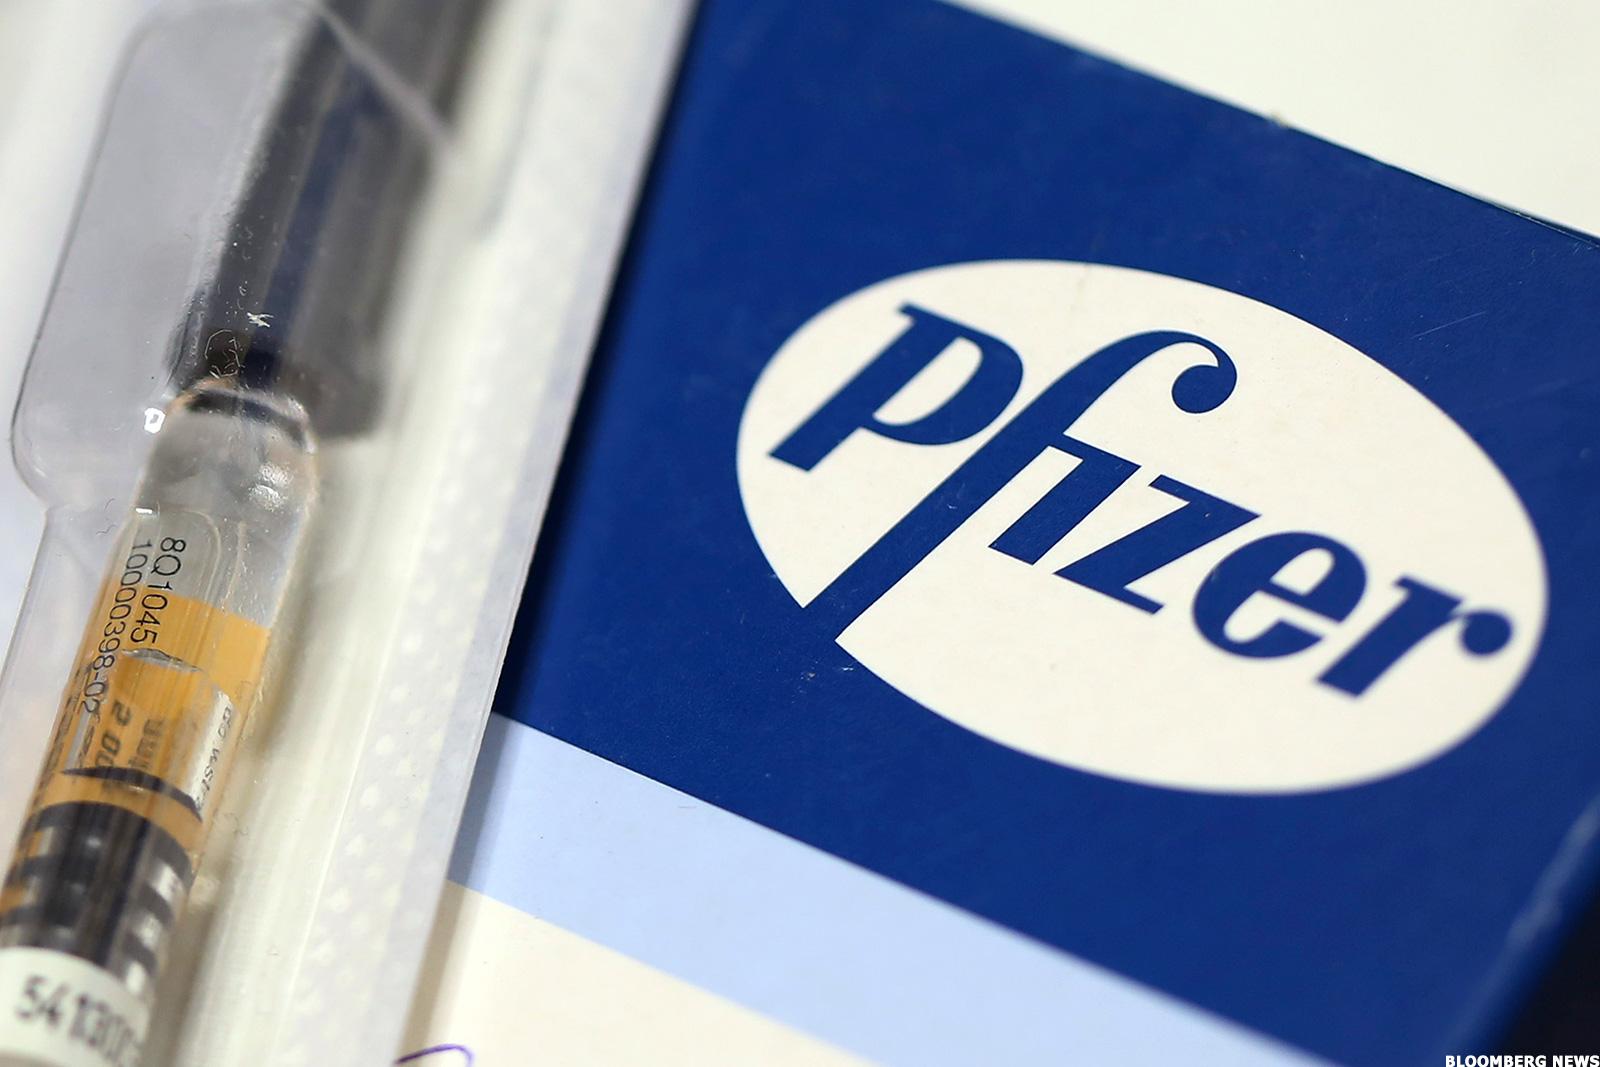 Read Scraps Pfizer Break-up As Megadeals Escape Its Grasp - TheStreet